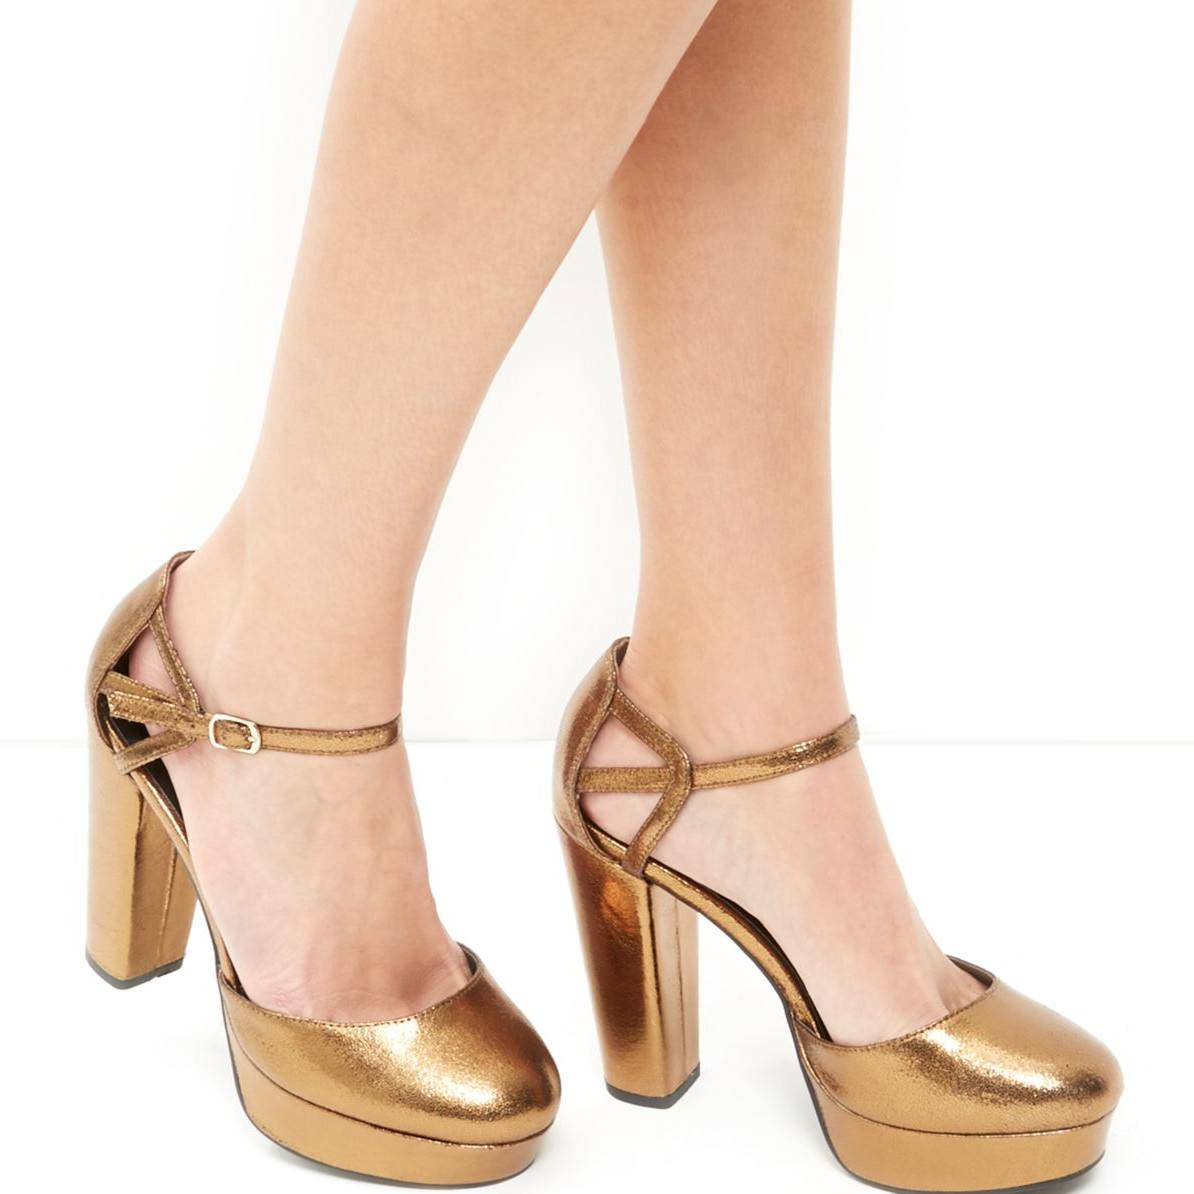 bronze caged ankle strap platform heels